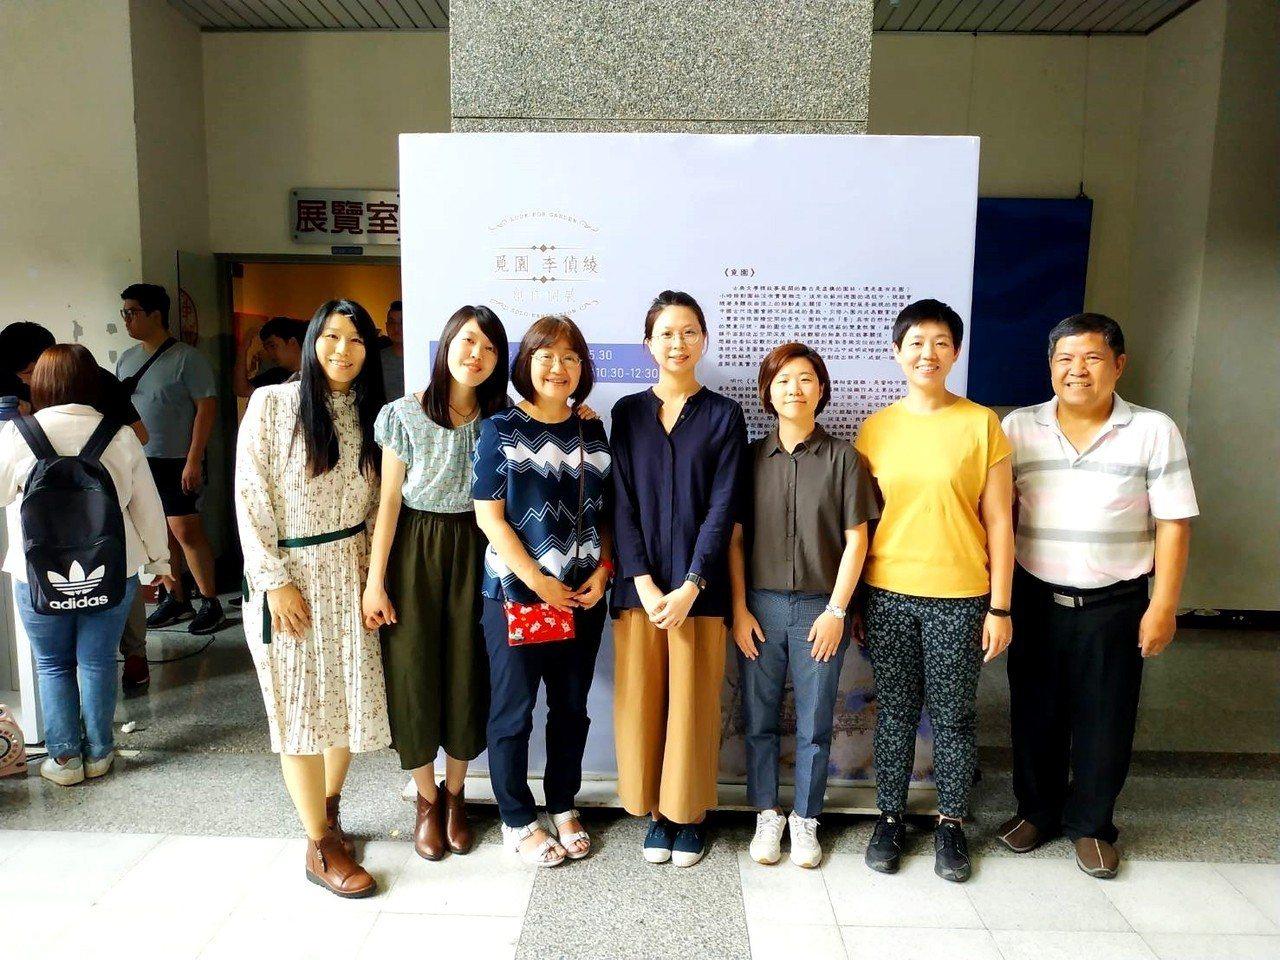 虎尾科技大學藝術中心今天在校方藝術中心展覽室舉辦李偵绫創作個展「覓園」開幕活動。...